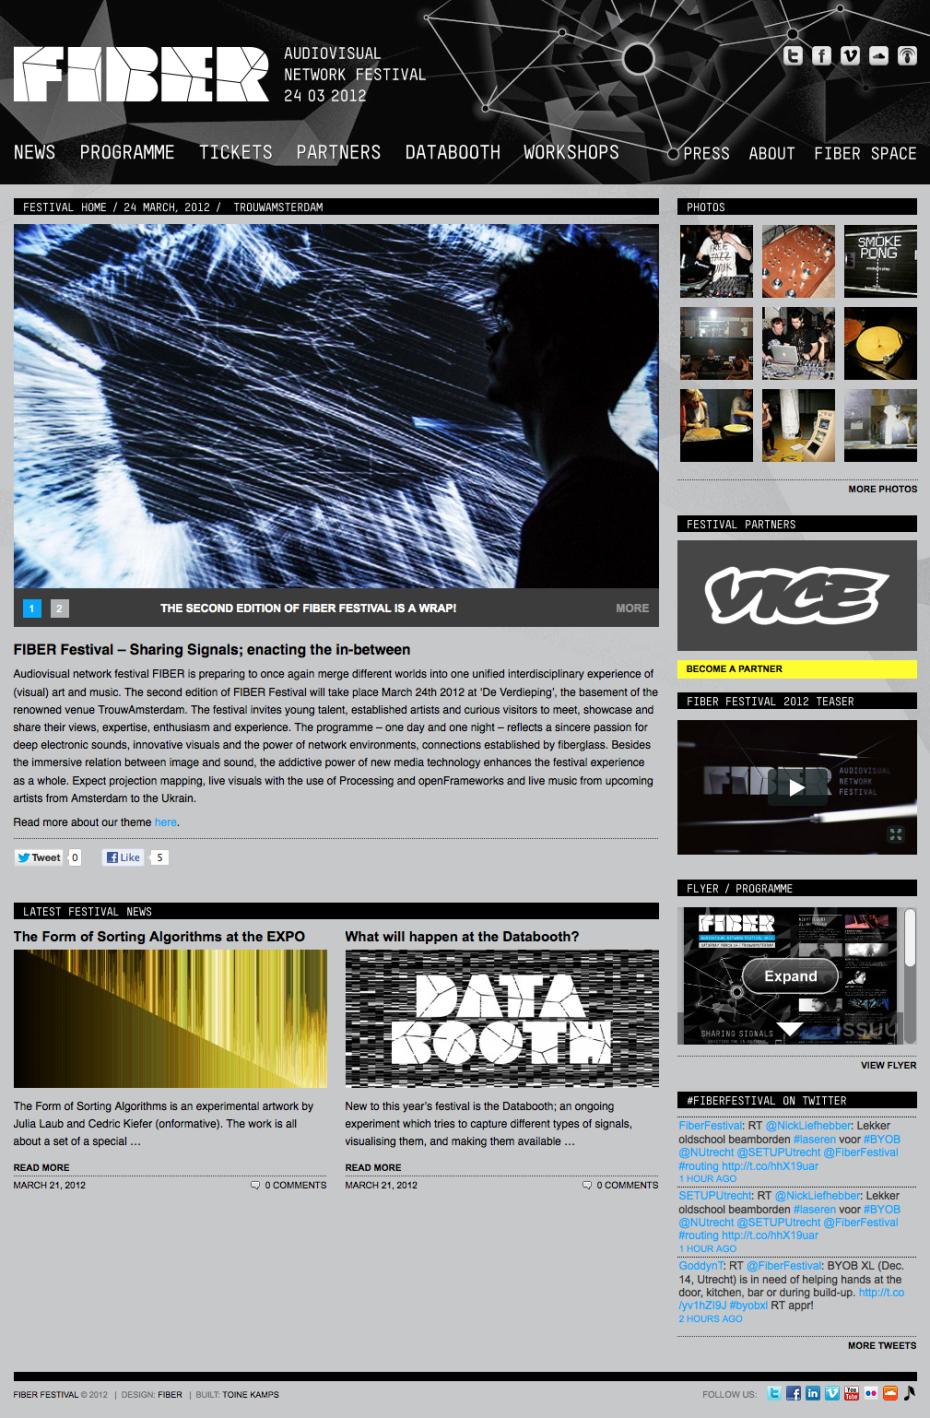 FIBER Festival 2012 - Homepage